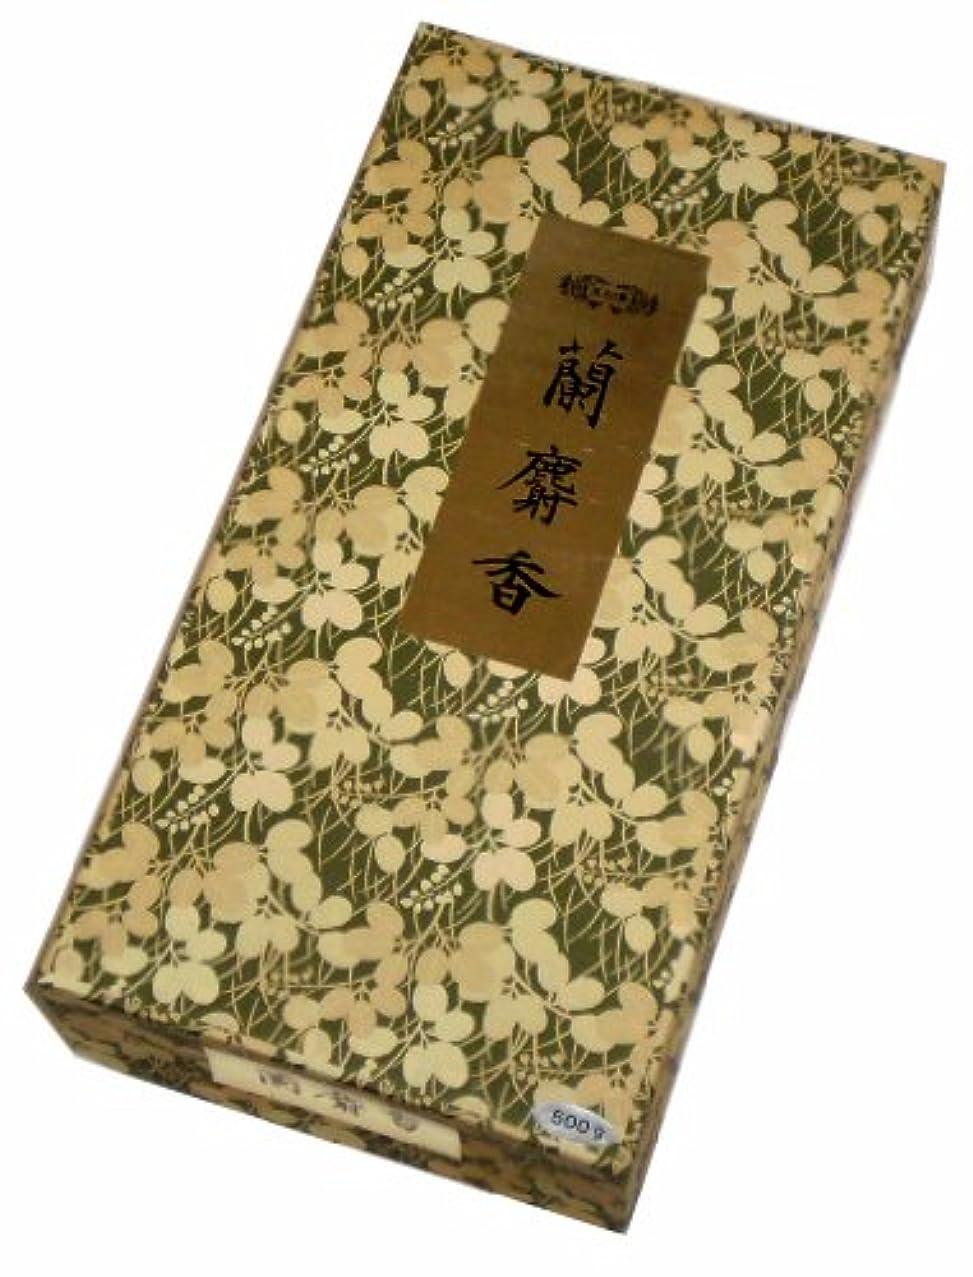 真鍮パスタ漏れ玉初堂のお香 蘭麝香 500g #621